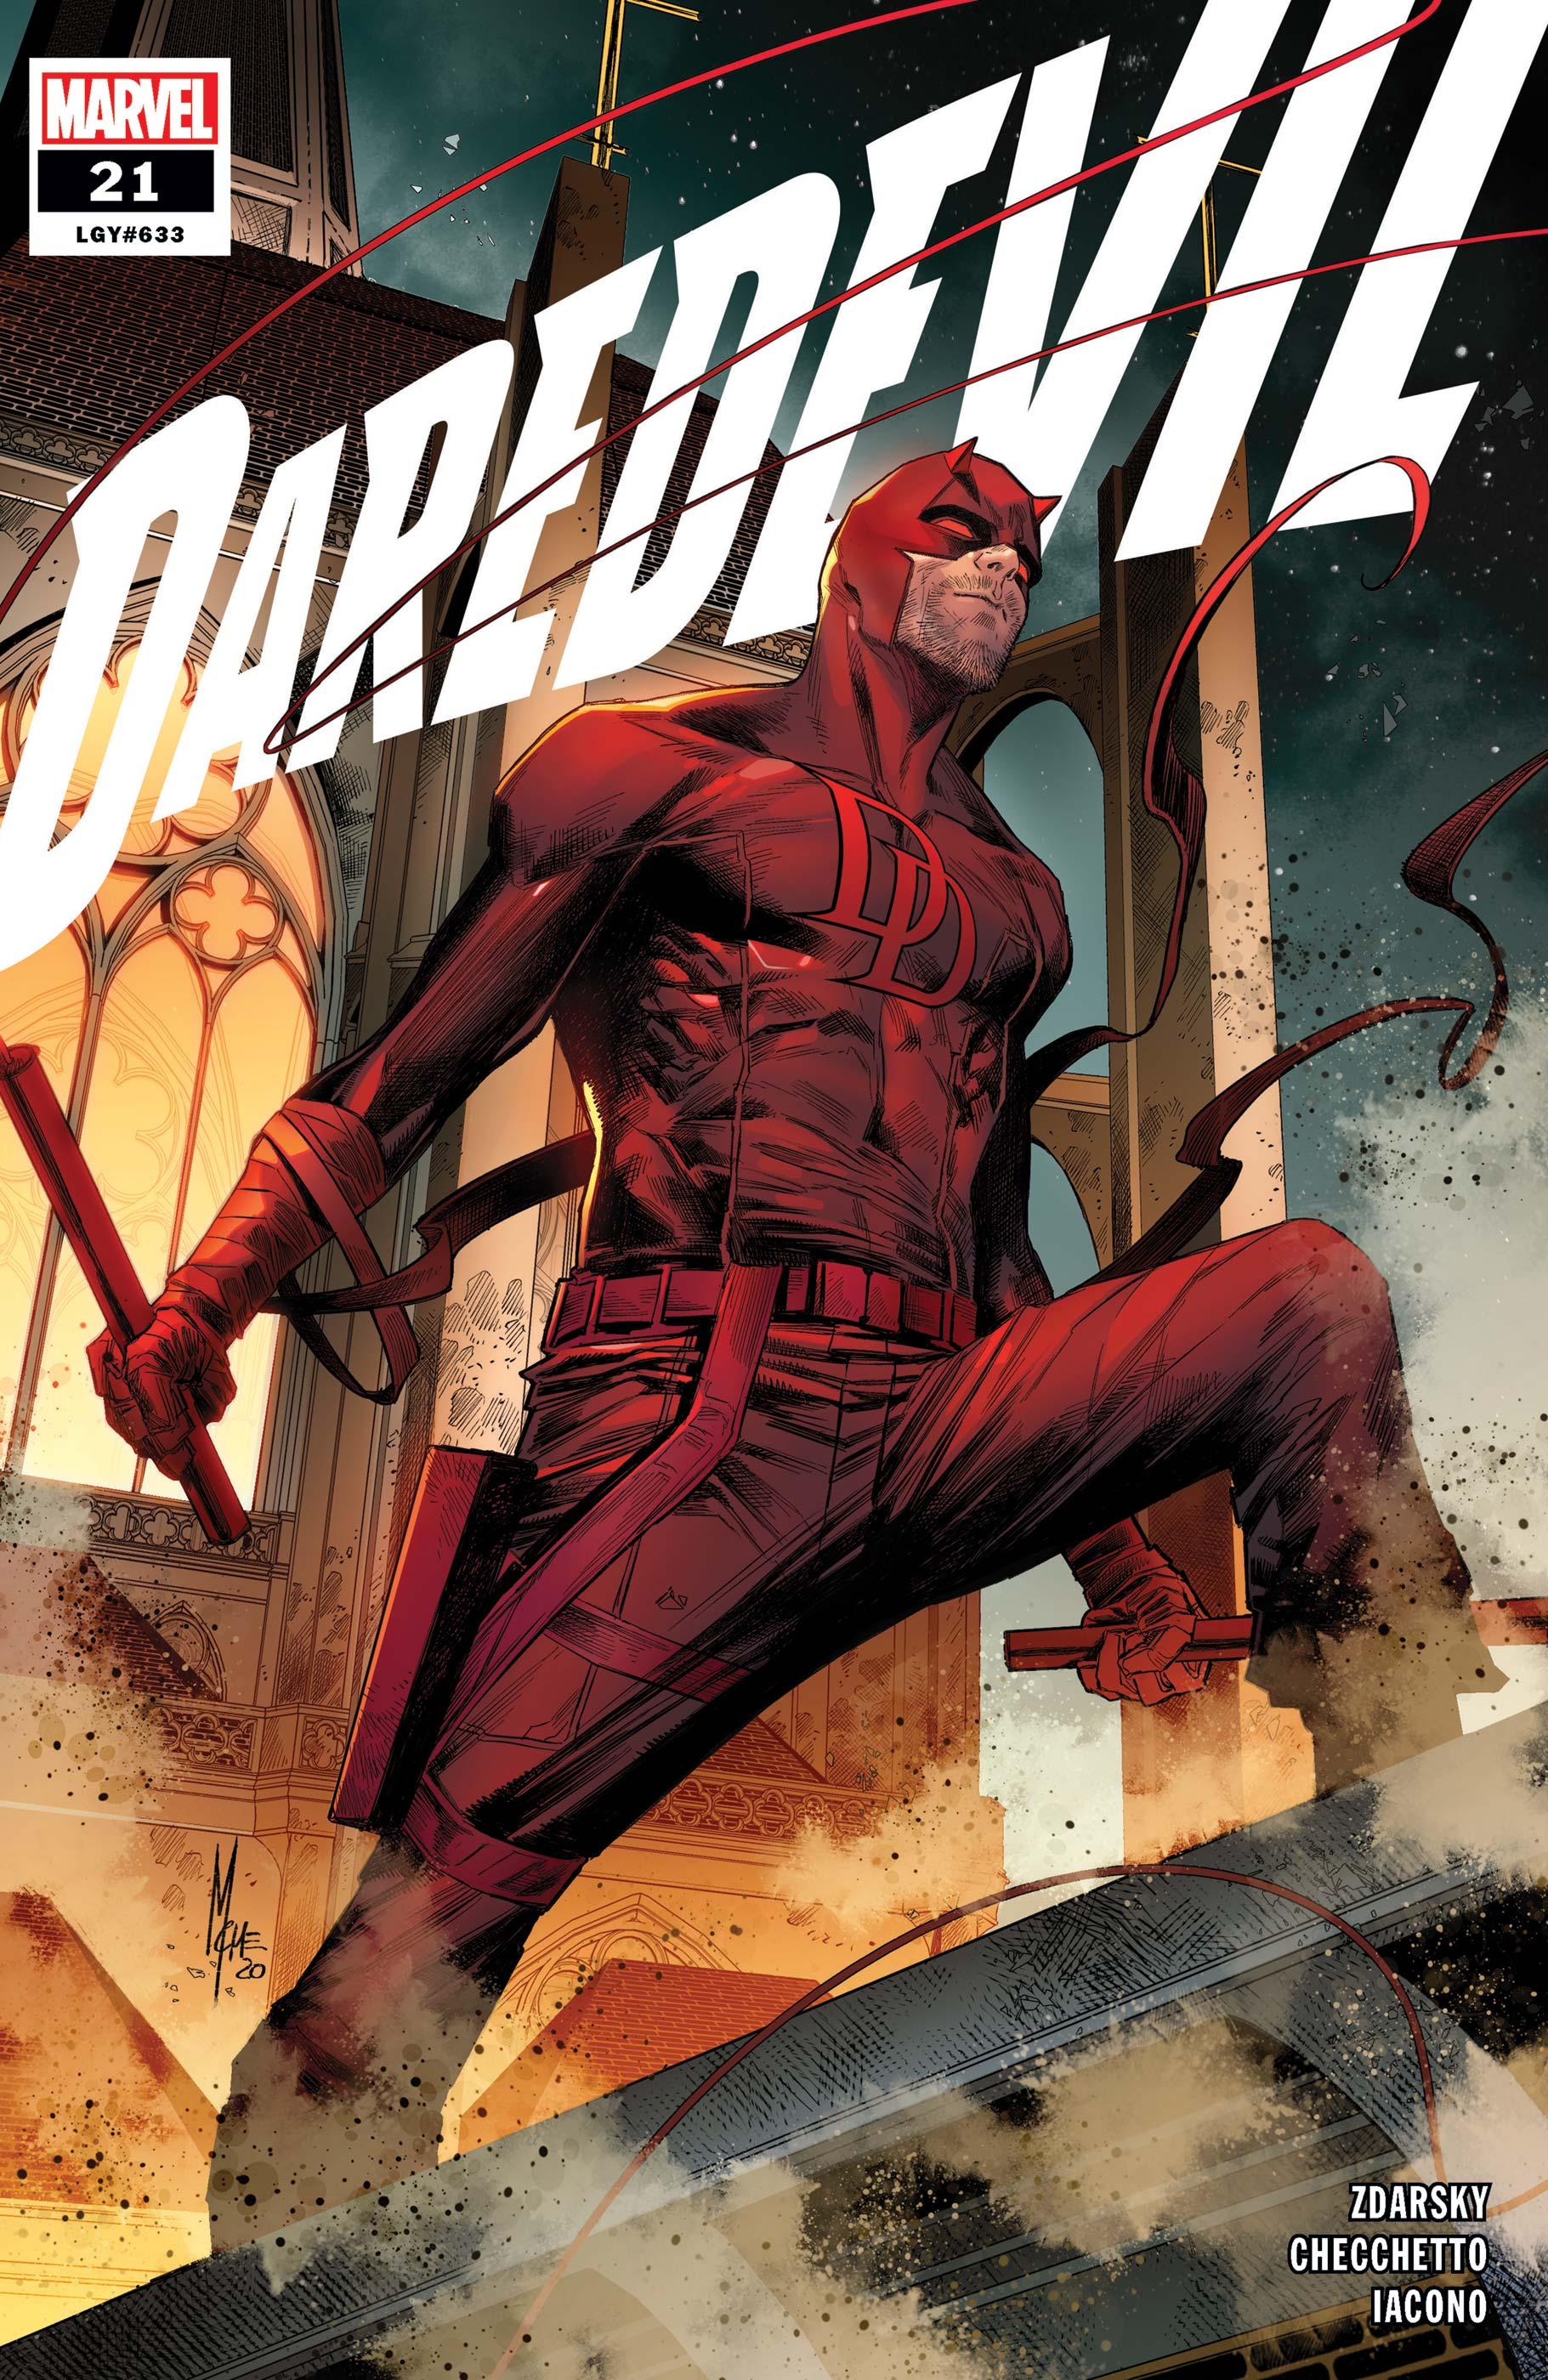 Daredevil (2019) #21